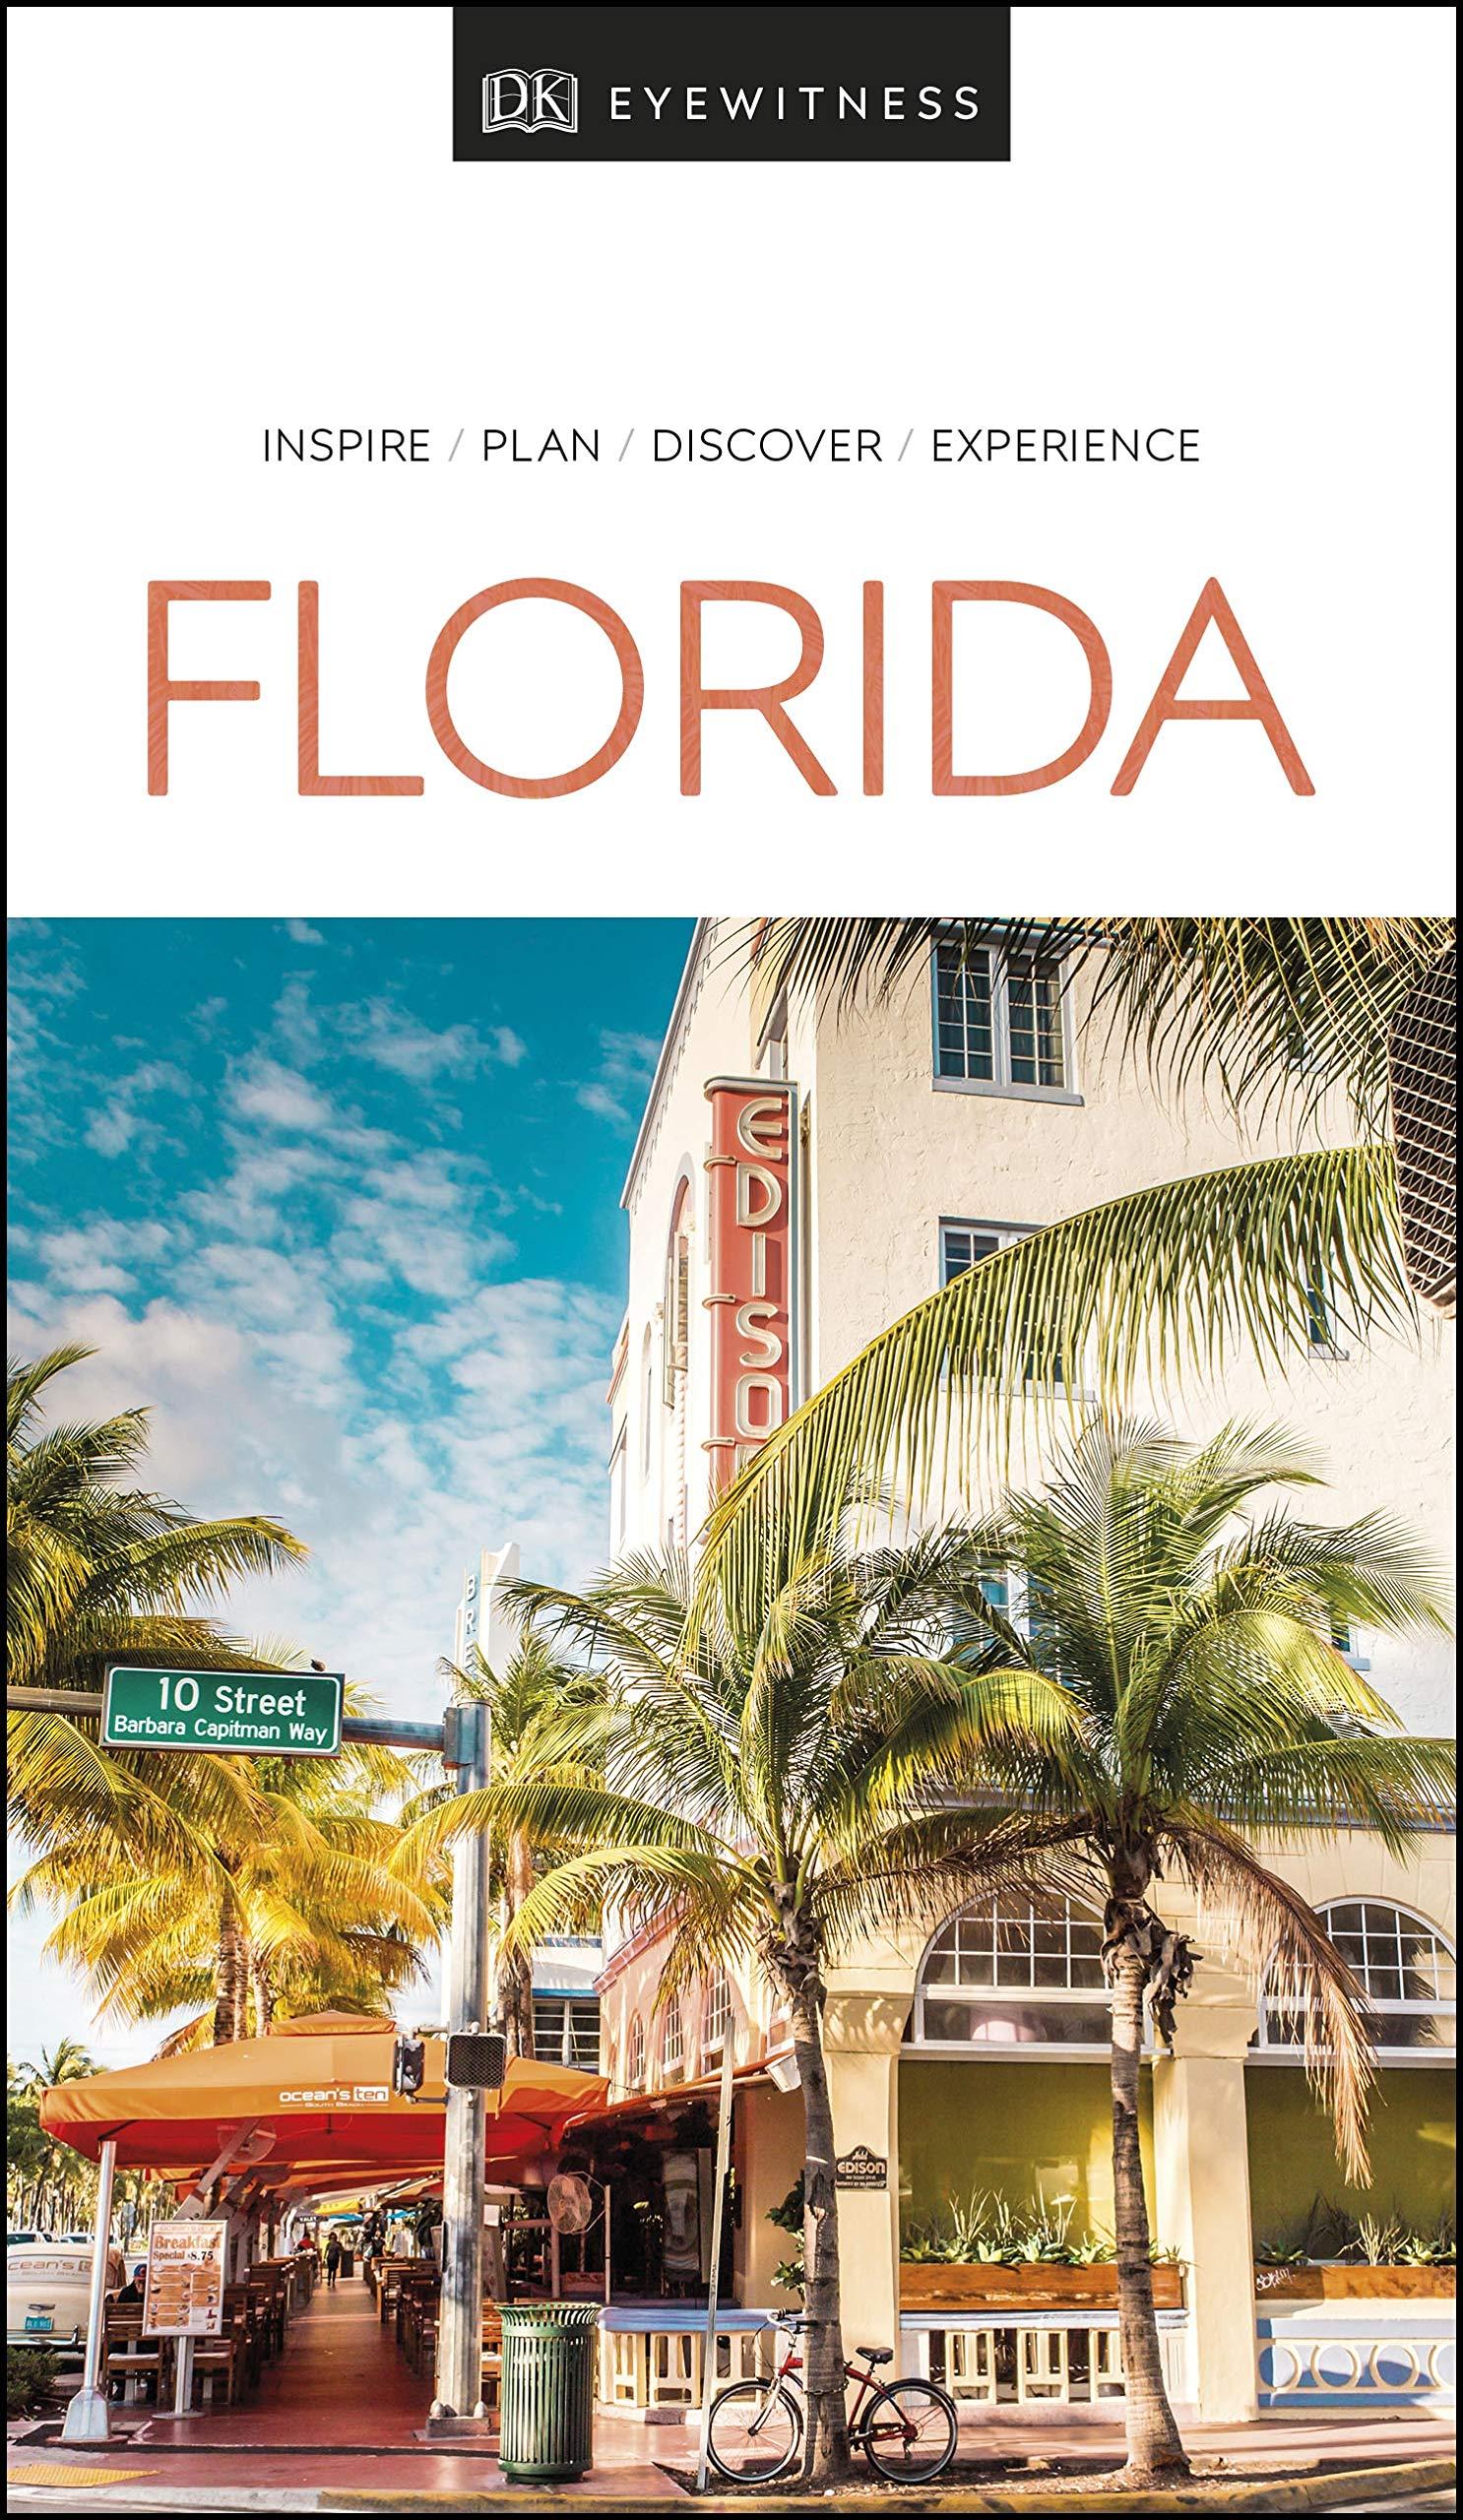 DK Eyewitness Florida (Travel Guide)